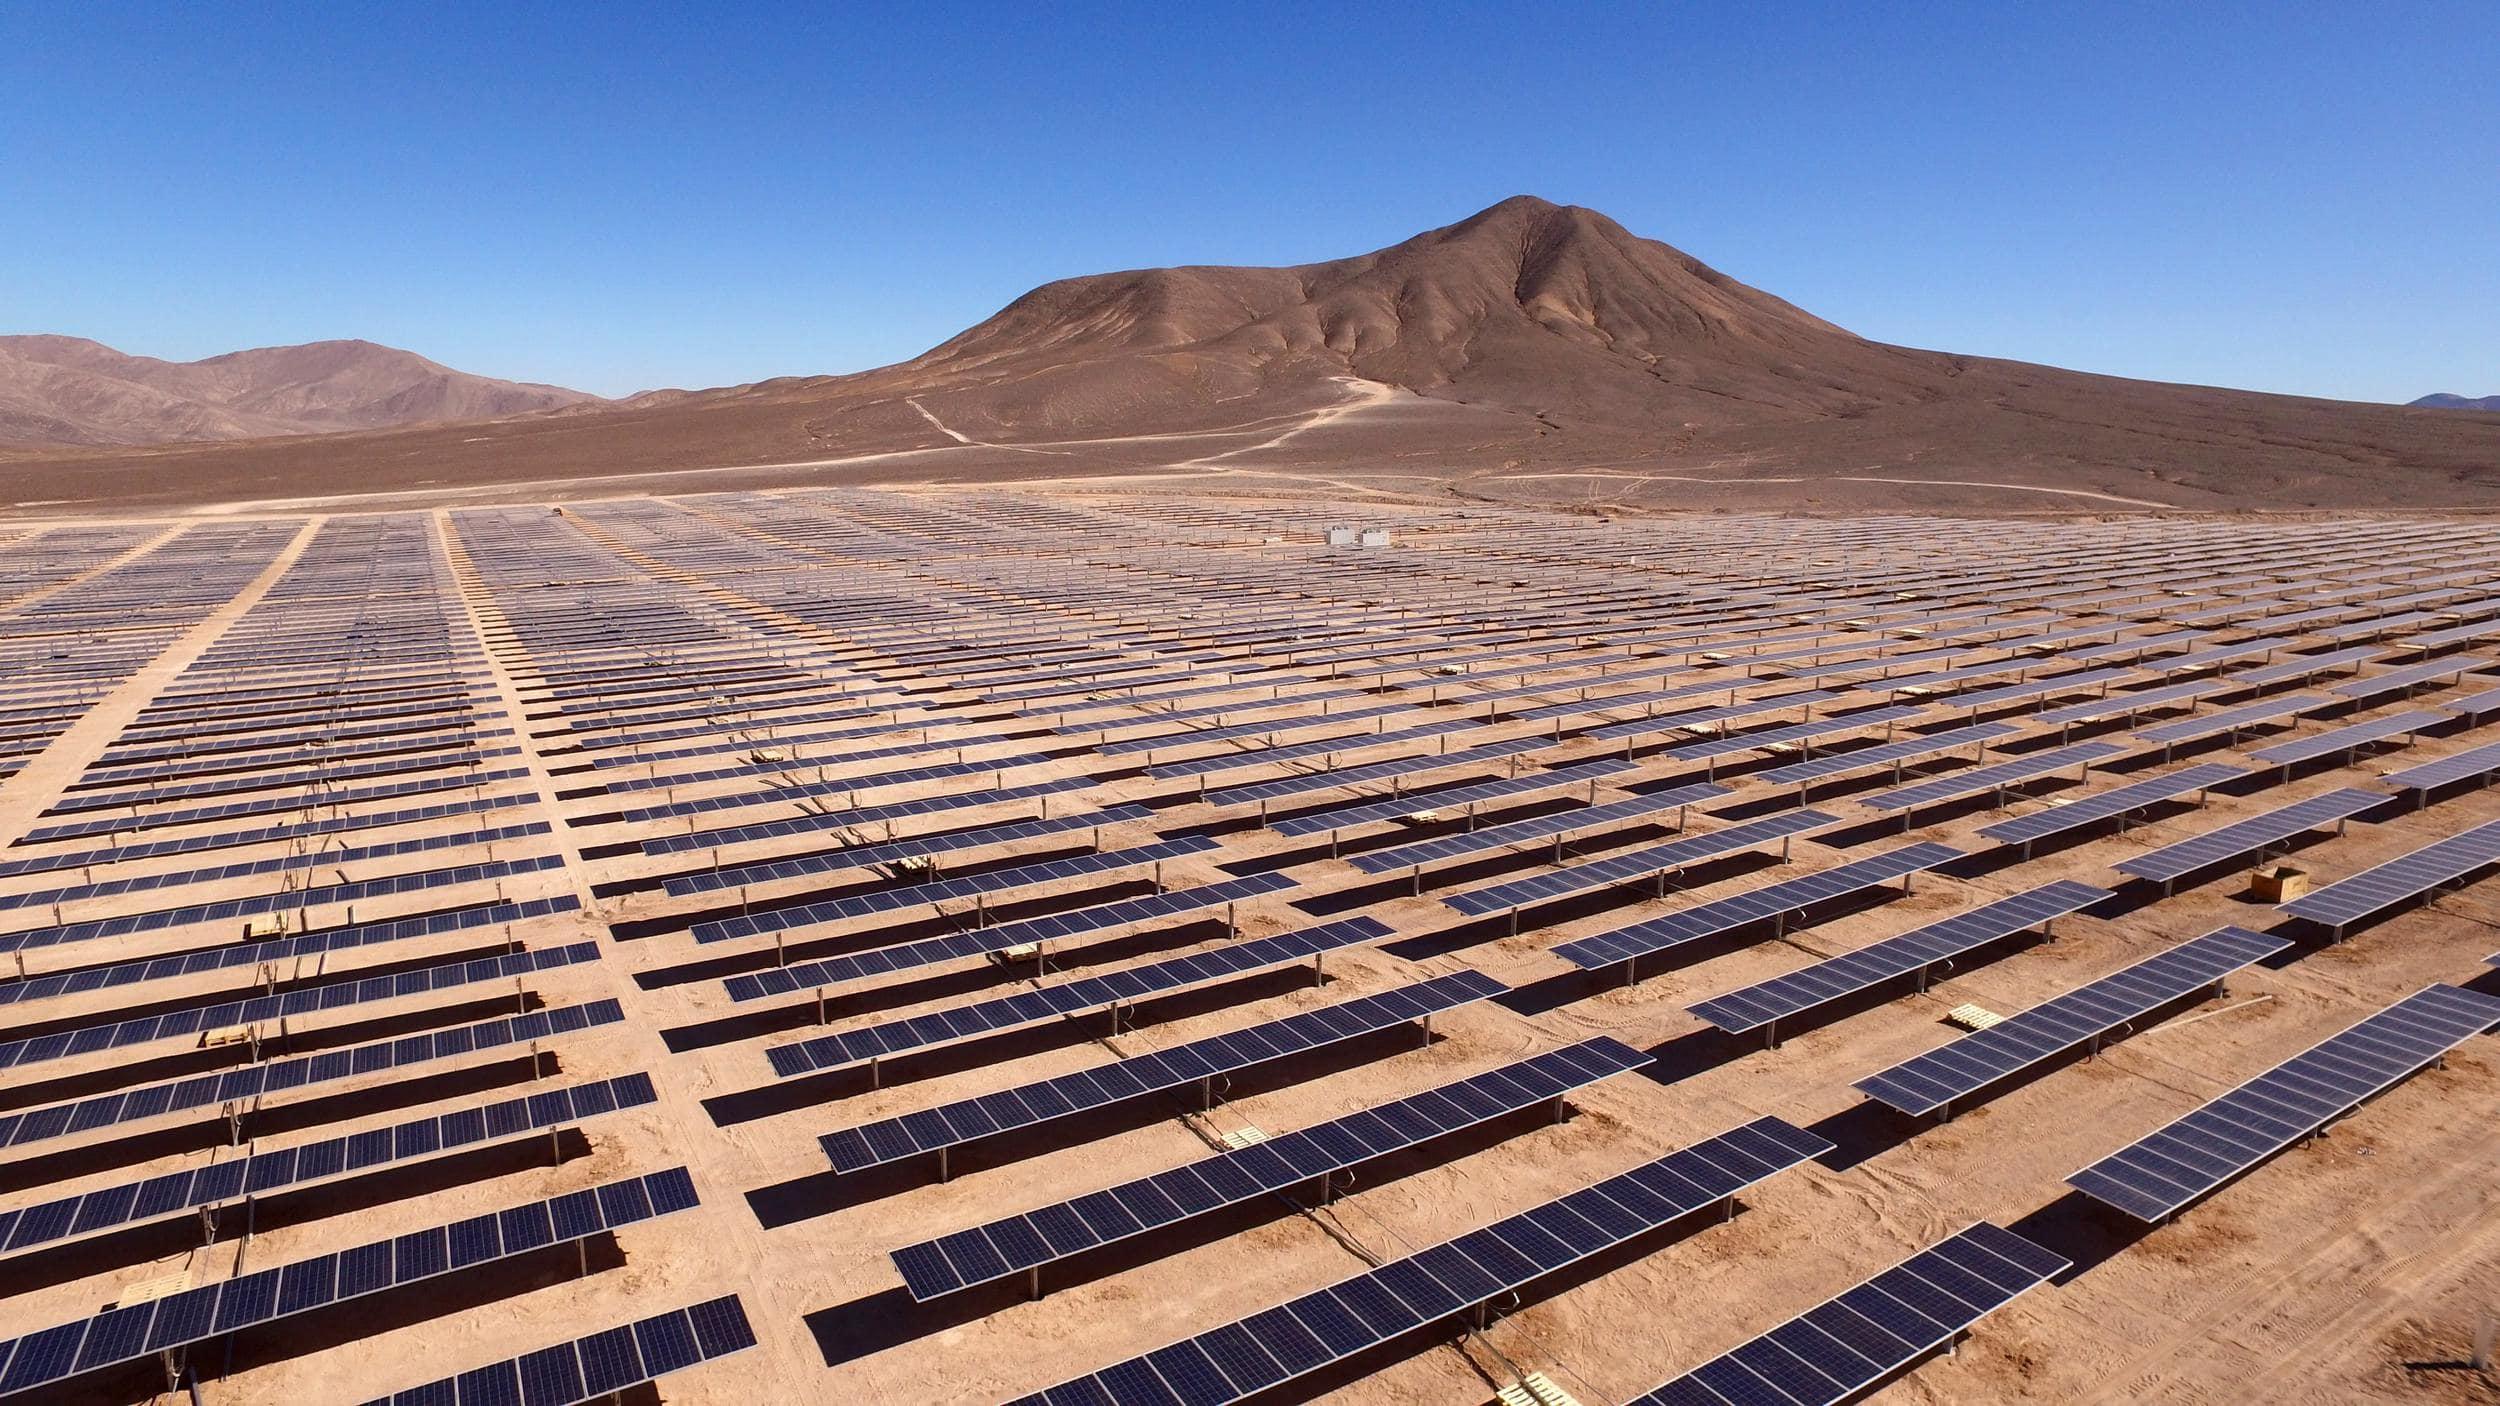 Solarzellen in der Wüste